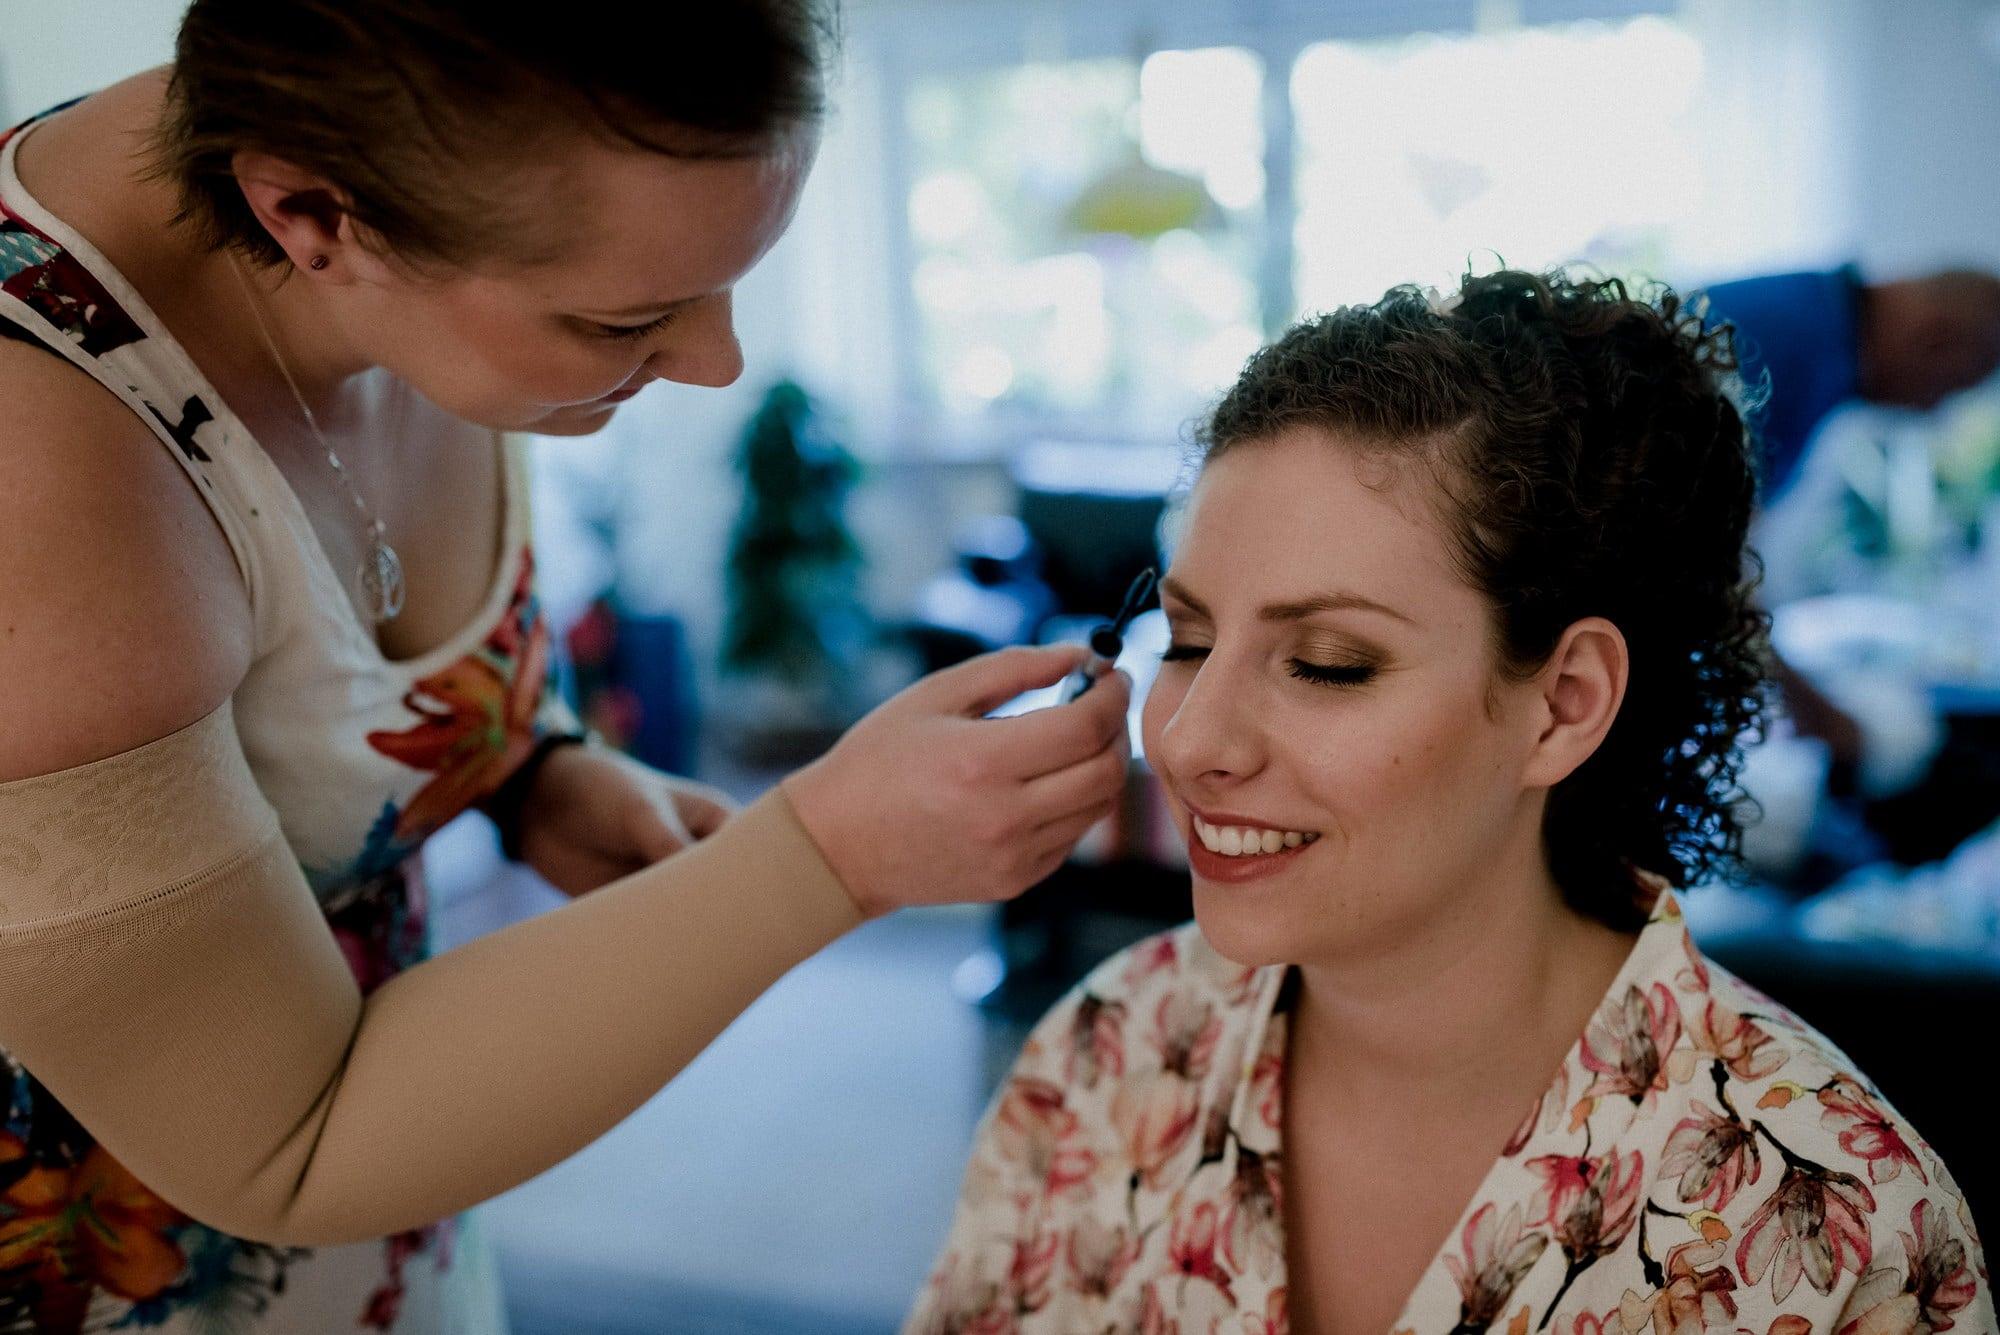 Christine Raab Stylistin schminken Wimpern Augenbraue